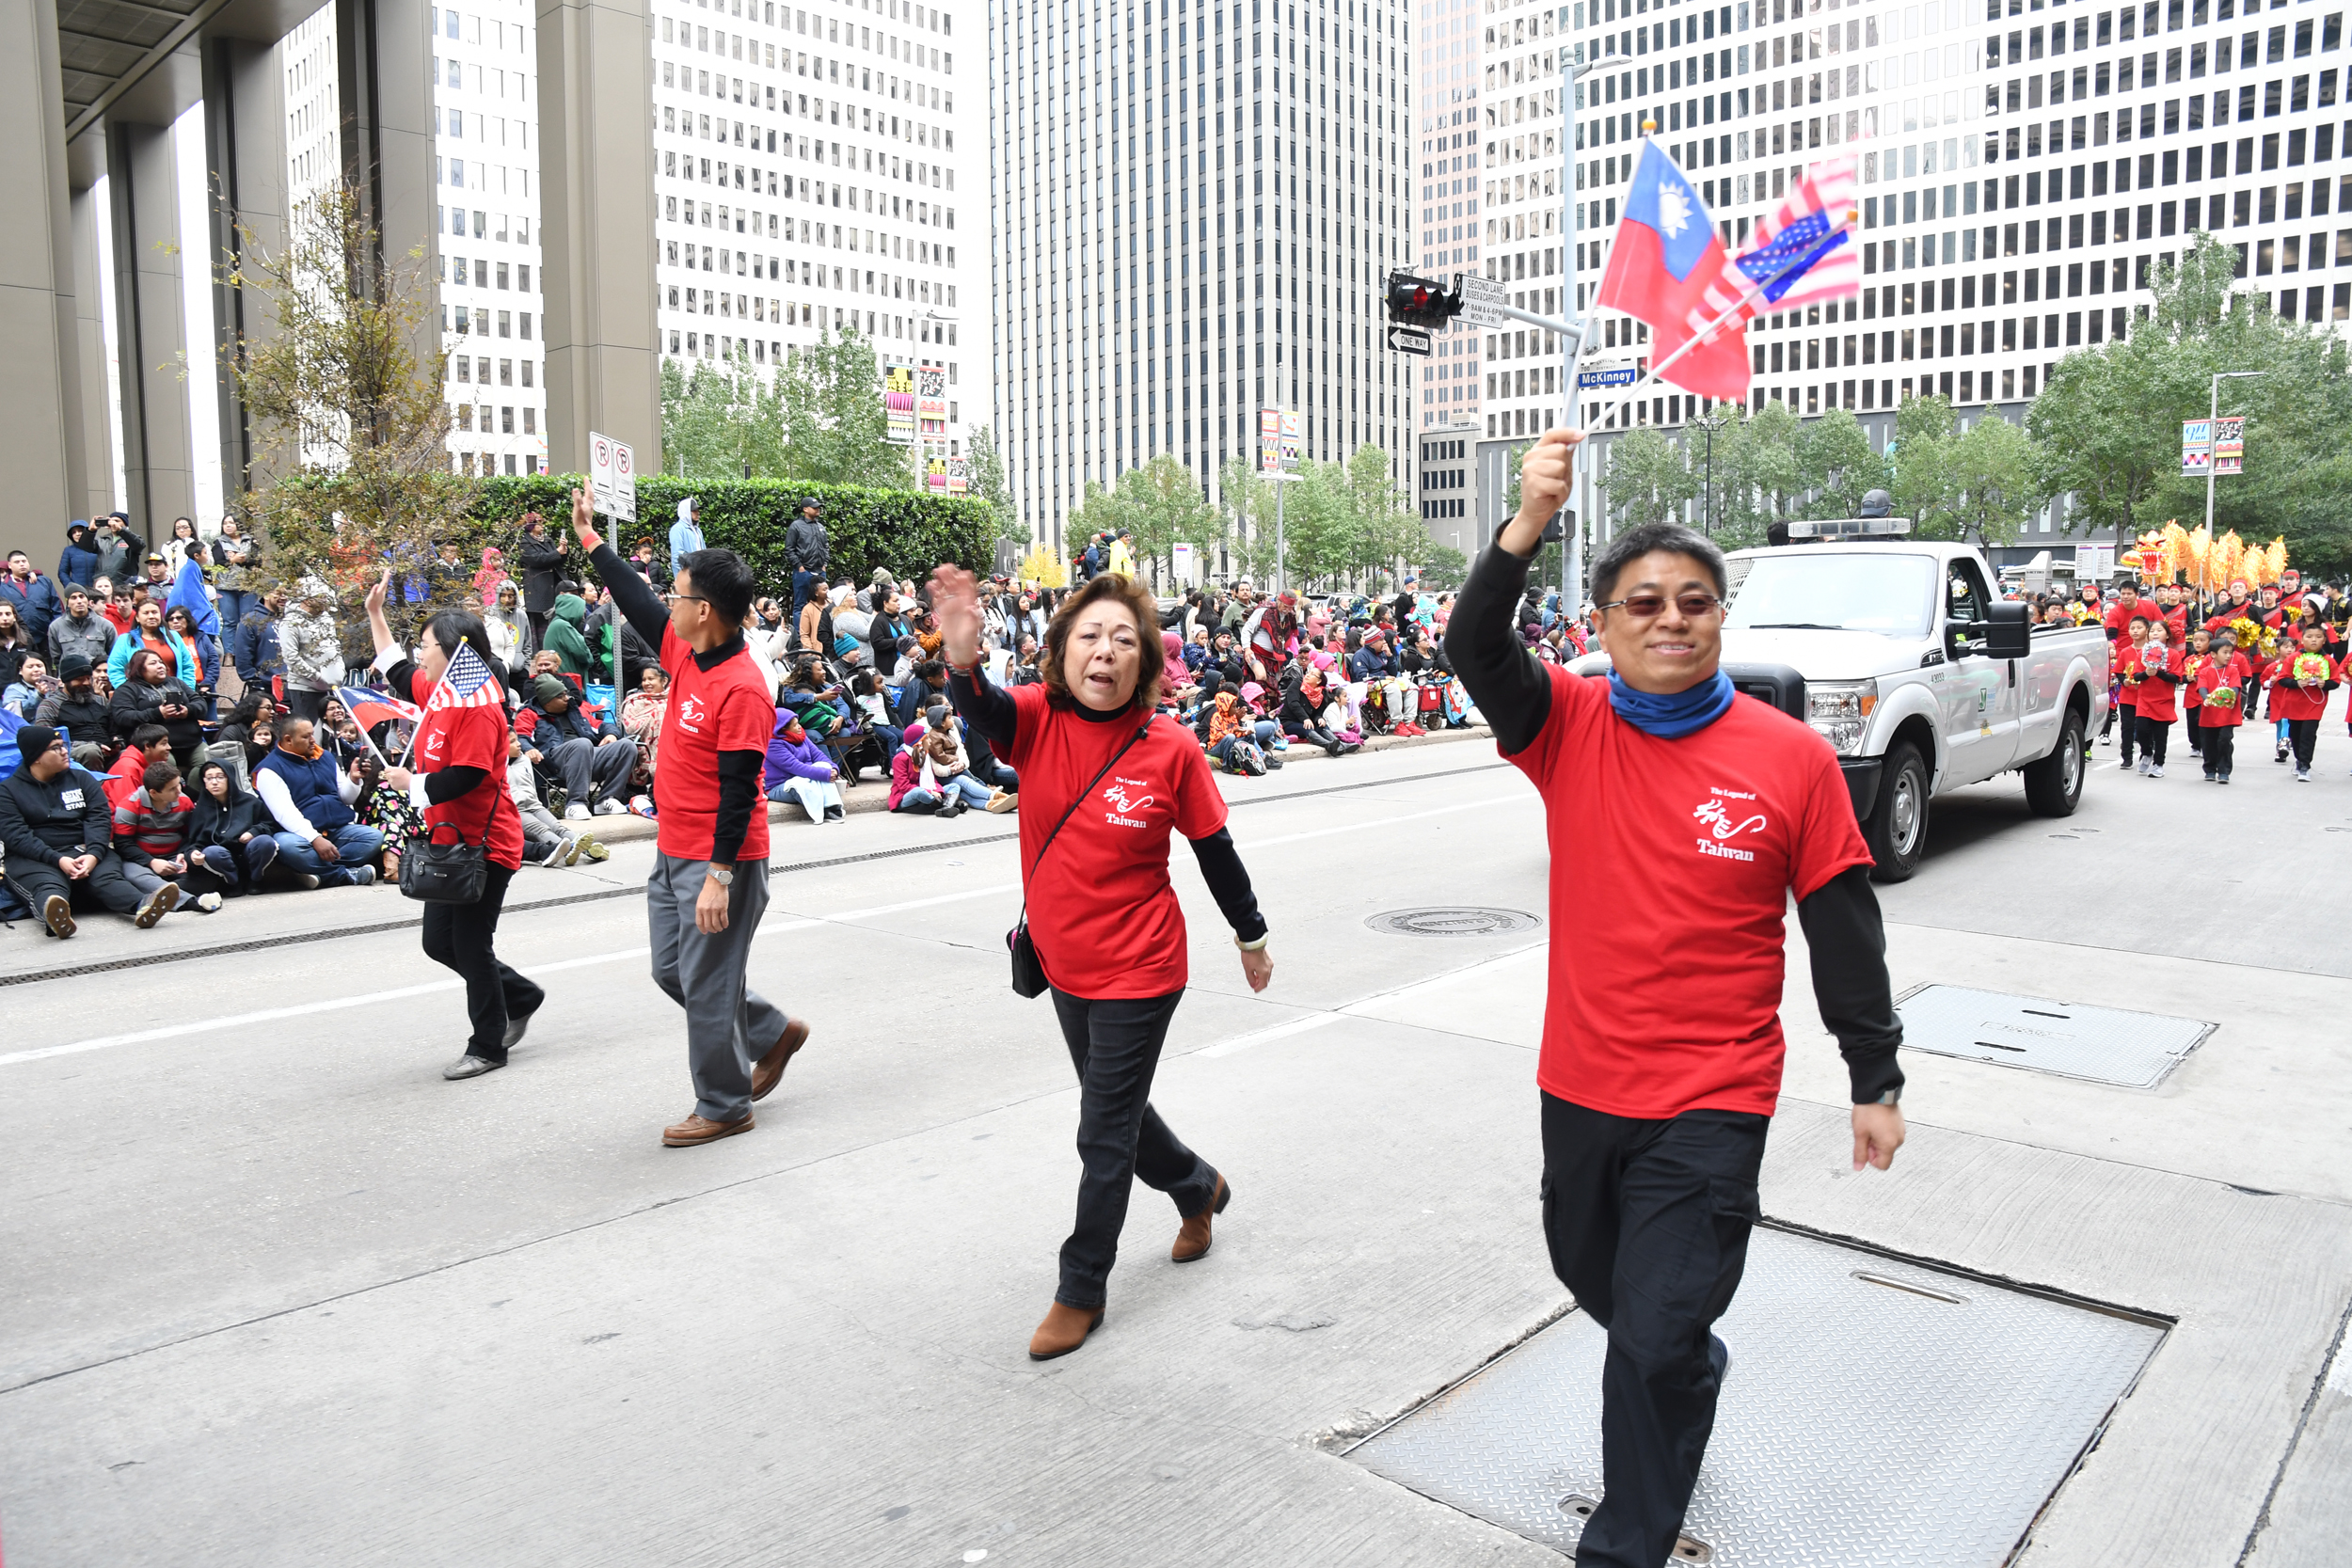 台灣傳奇總領隊許健彬(右一)、金俊家(右二)在遊行中向民眾揮手。